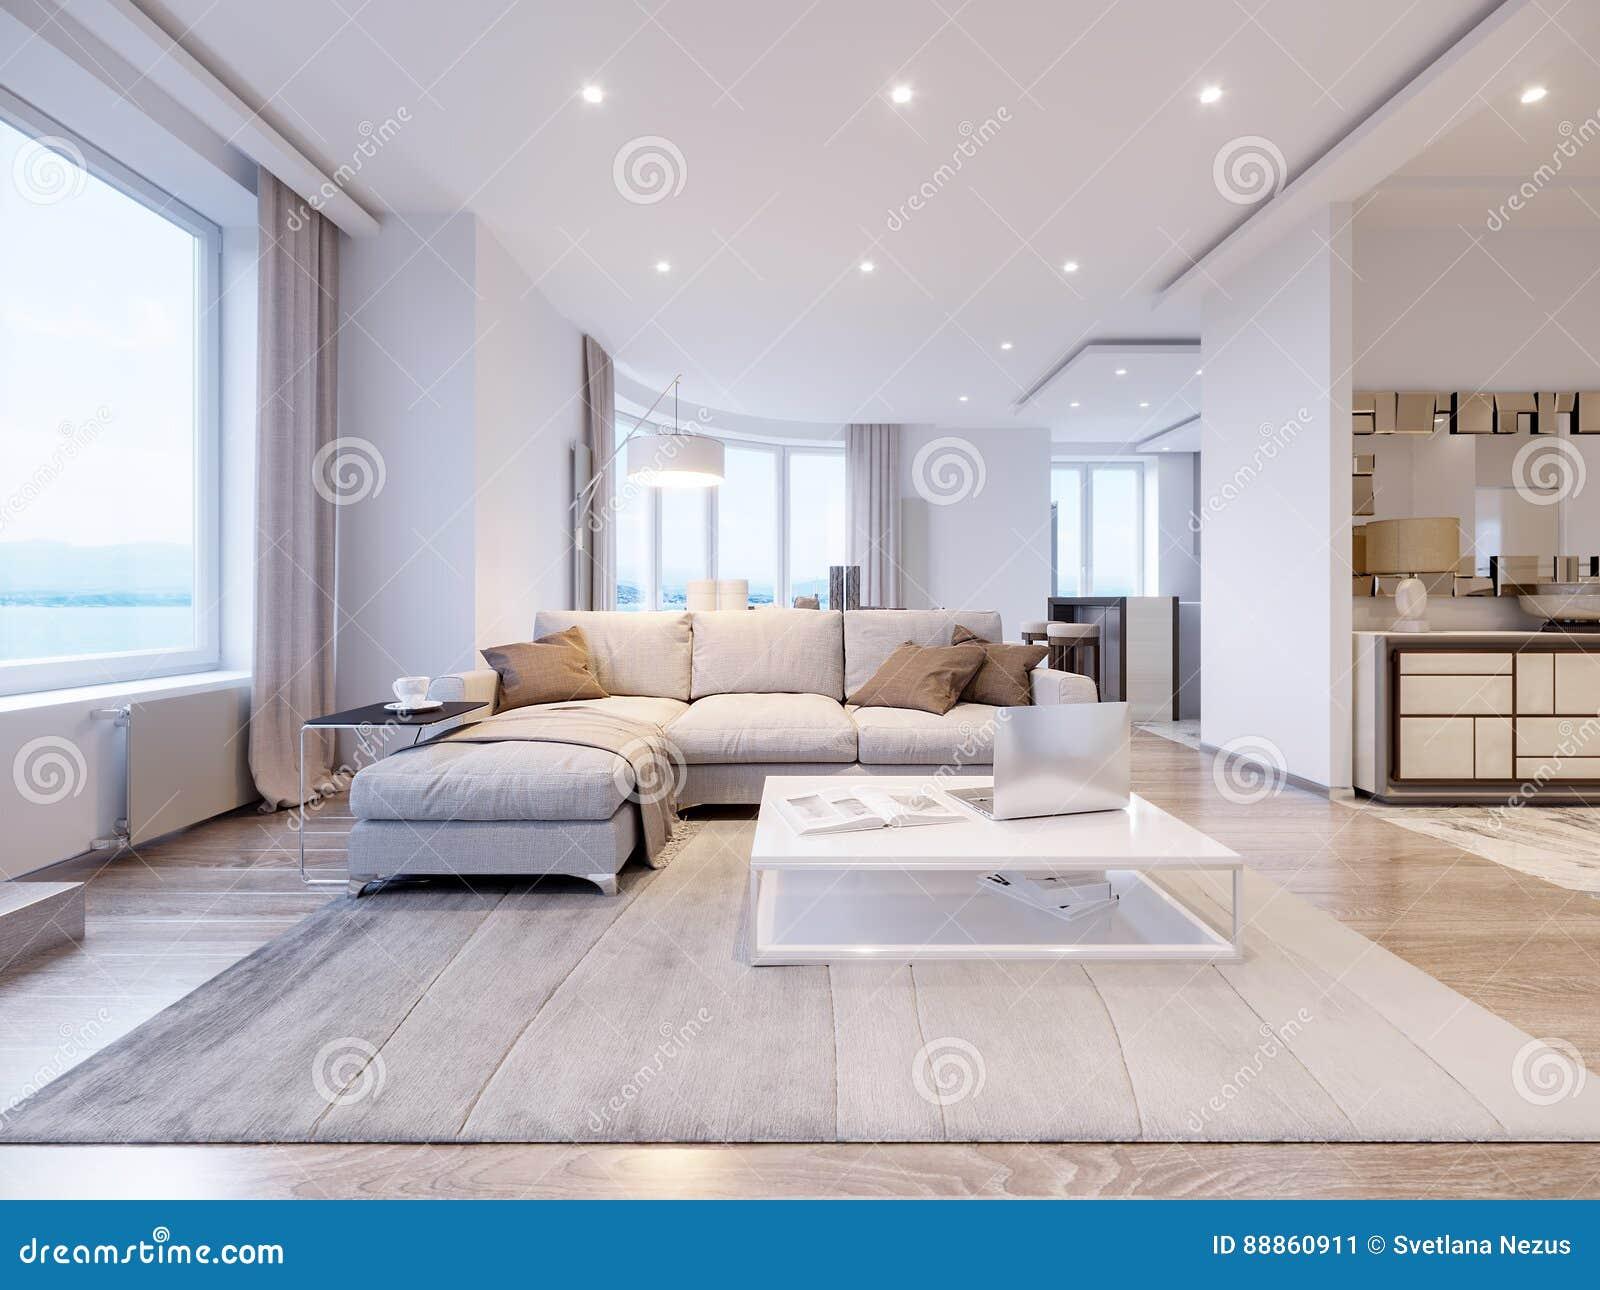 Interior design grigio bianco moderno del salone for Pittura salone